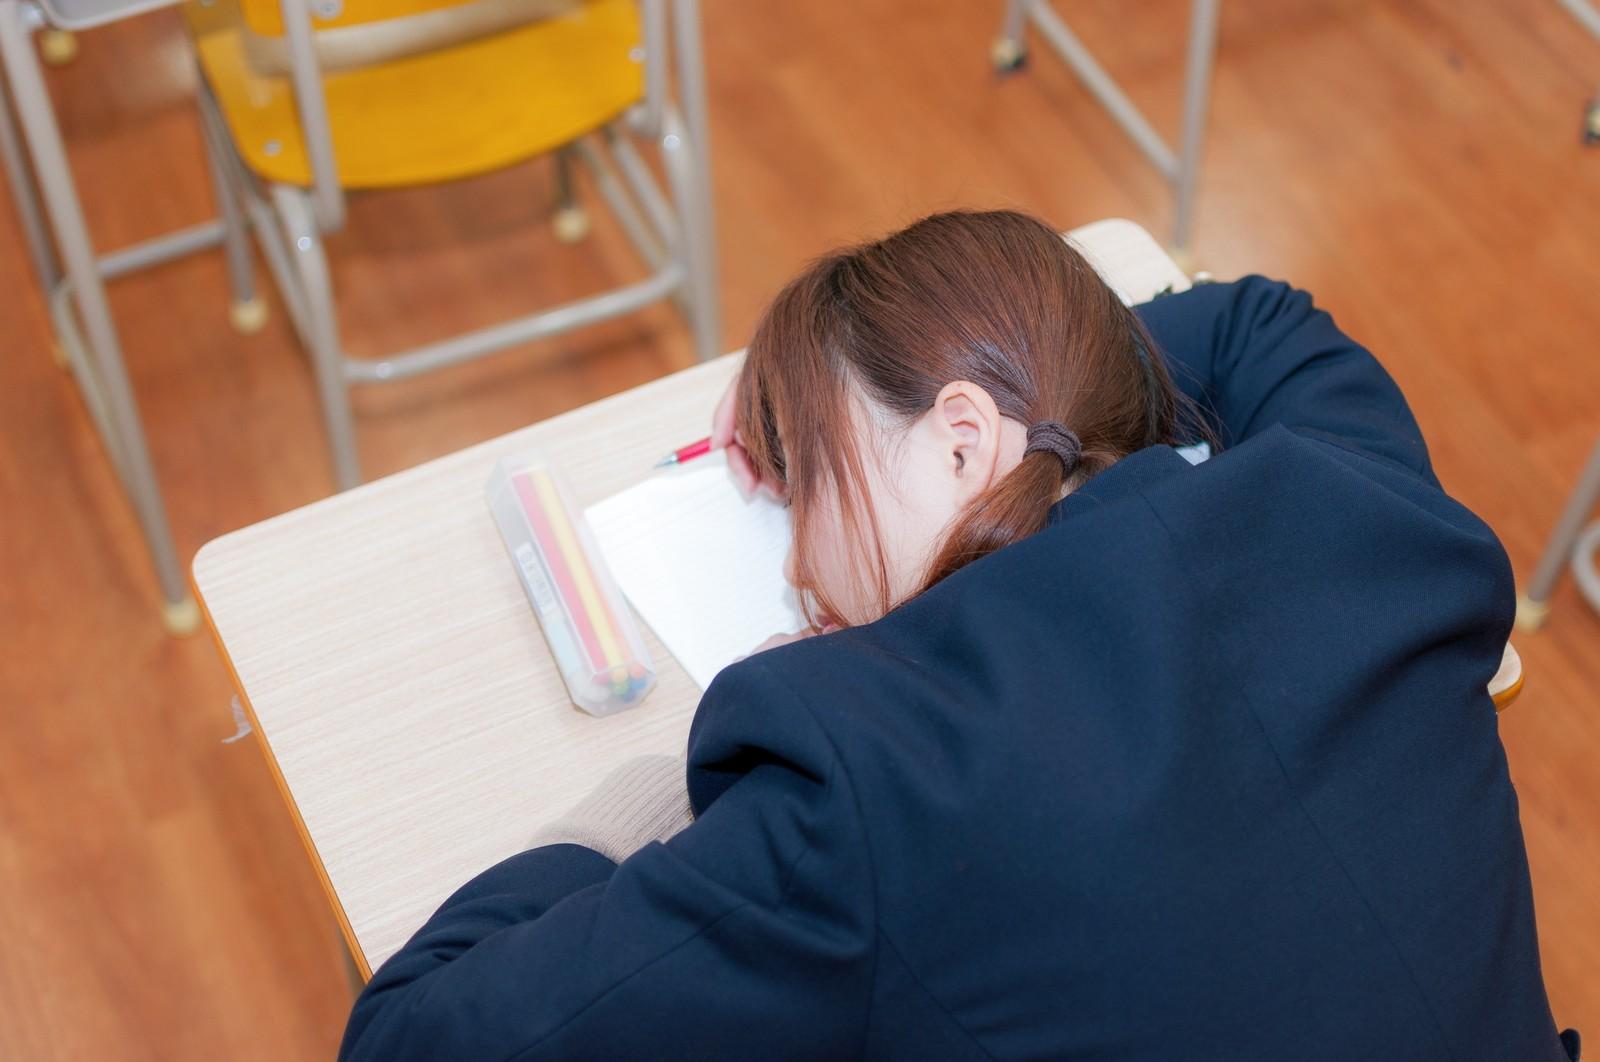 アフィリエイト作業が三日坊主になる原因と克服する5つの方法